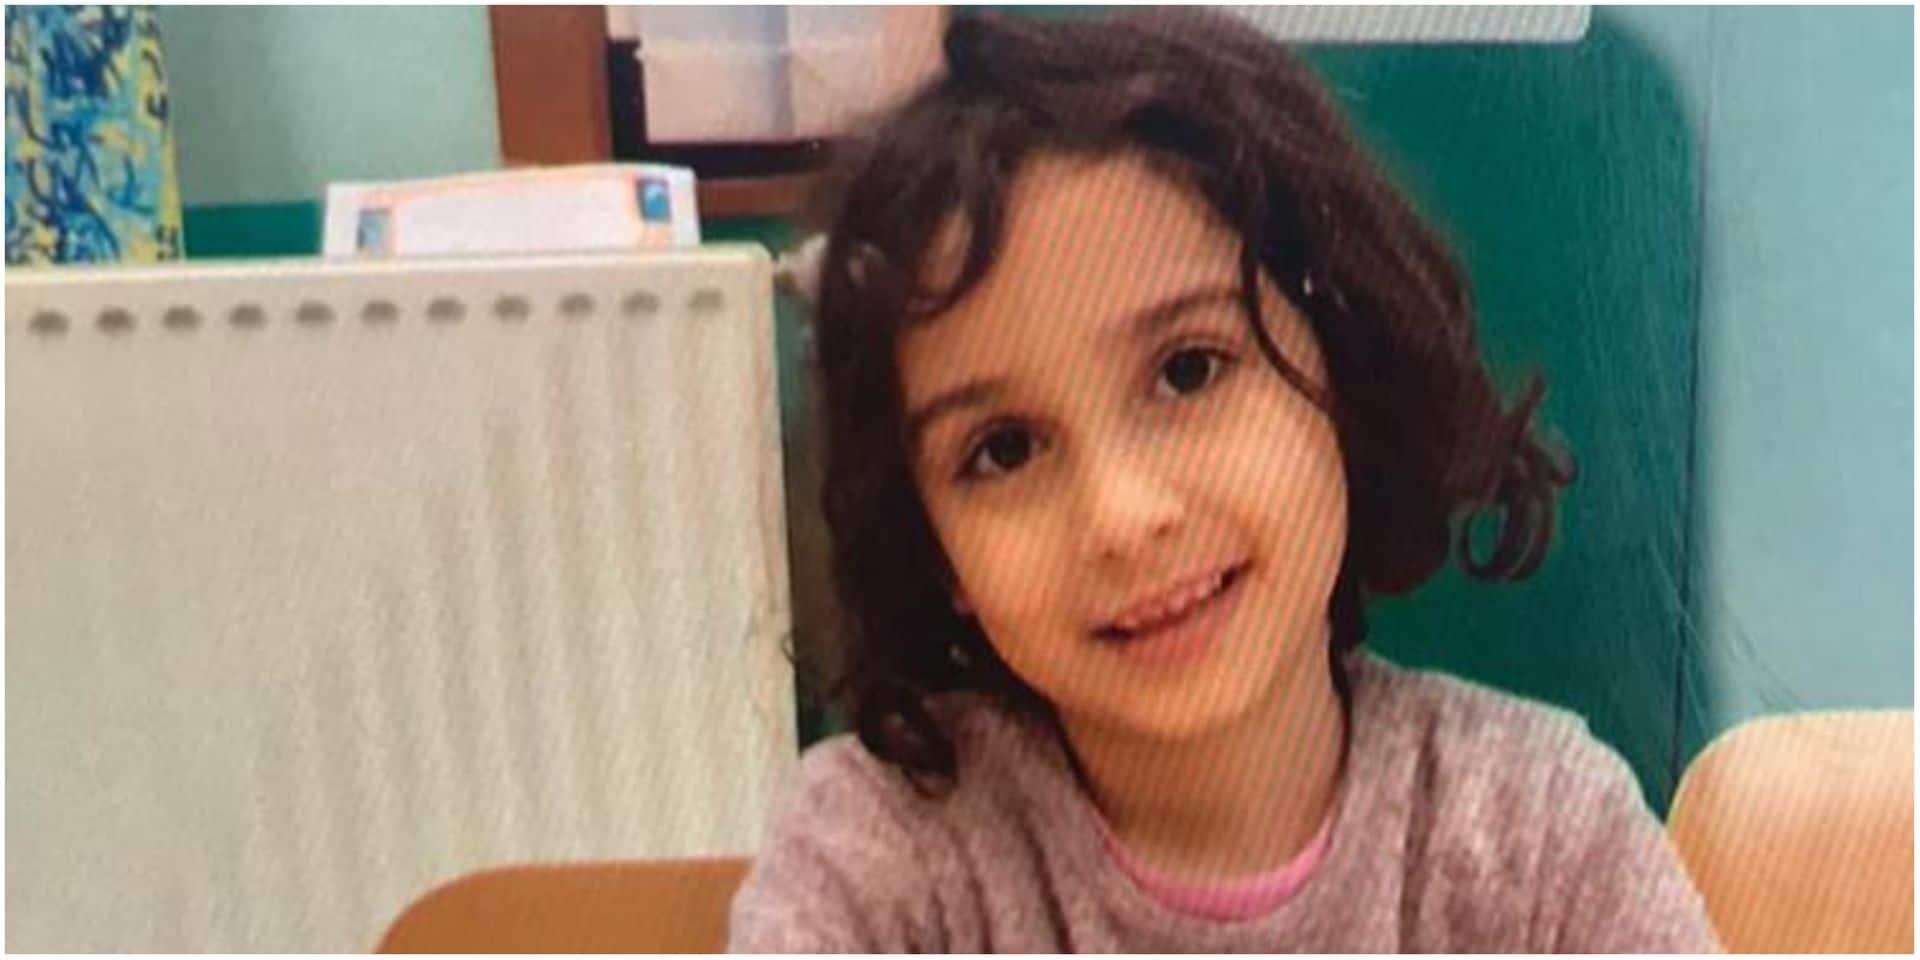 Toujours des questions sur la mort de Meryam, 7 ans, dont la maman est en prison